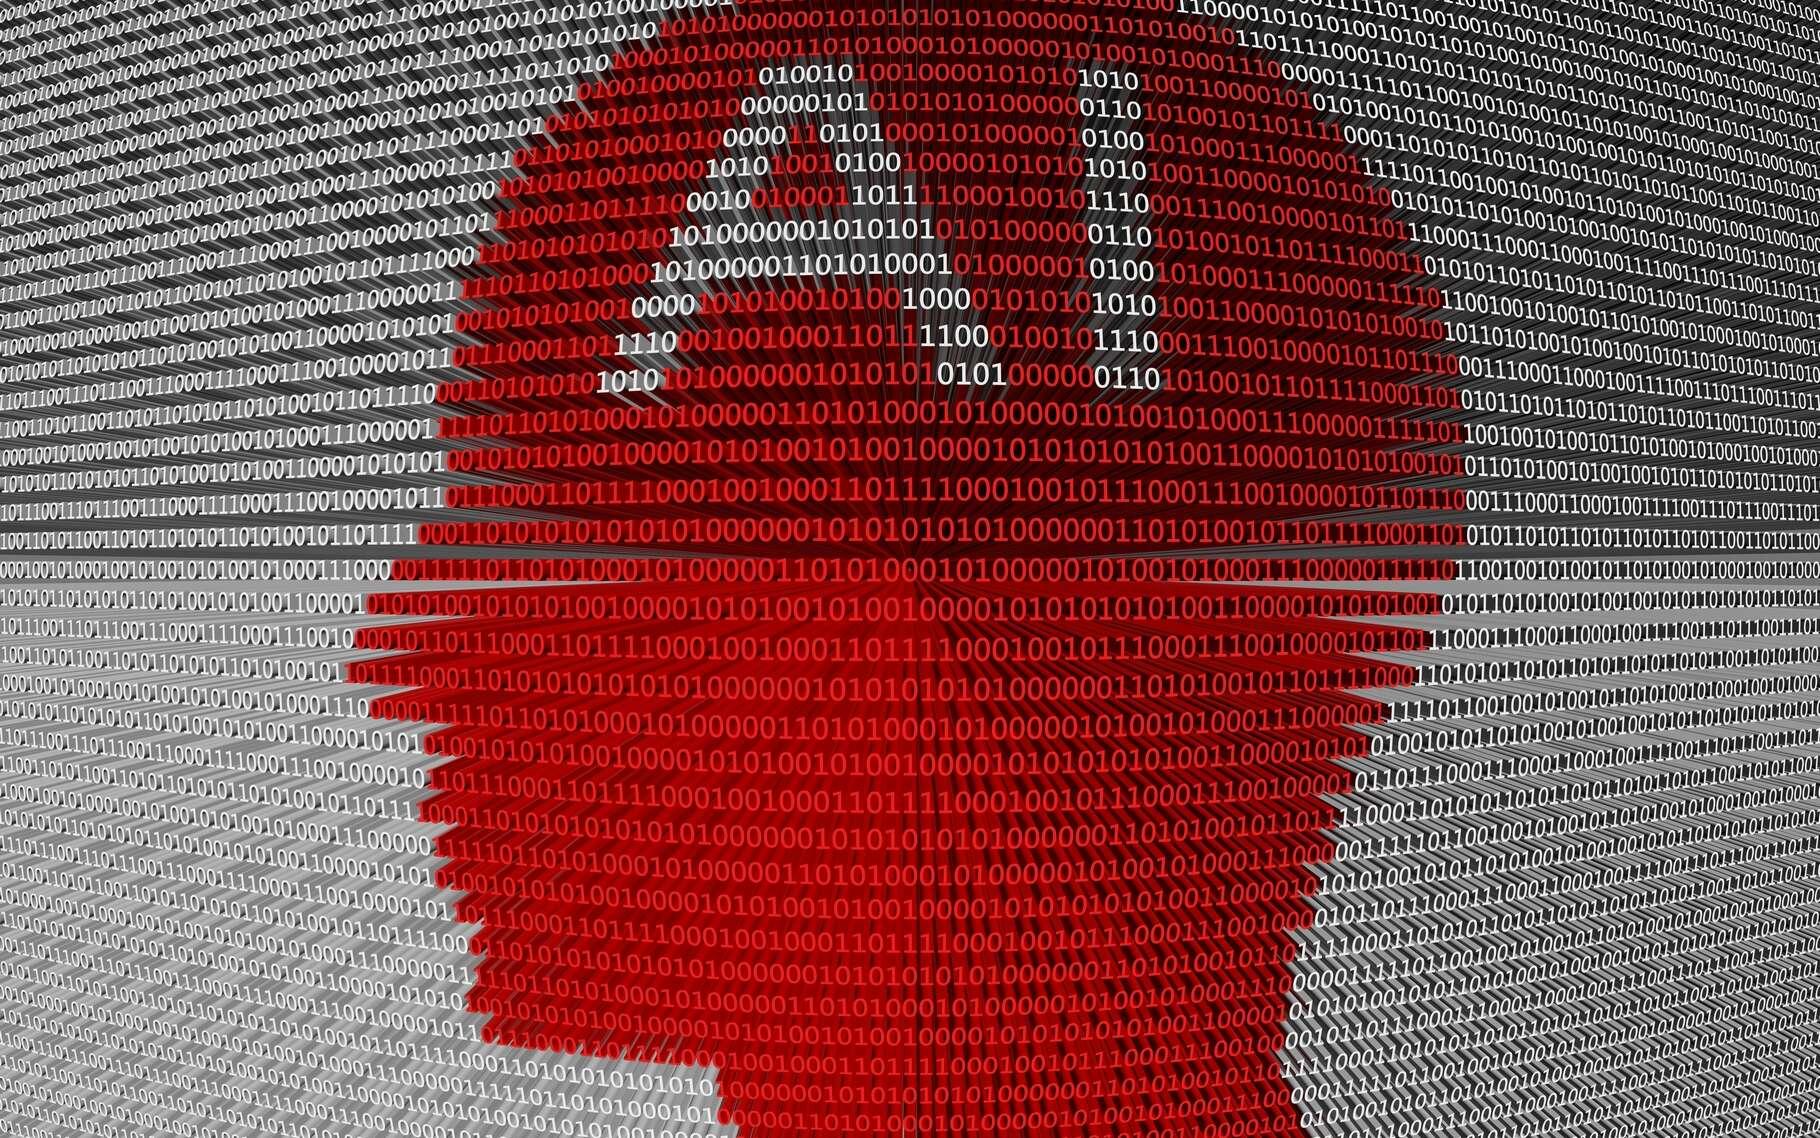 Facebook possède déjà un important département dédié à l'intelligence artificielle dirigée par le spécialiste français Yan Le Cun. Le réseau social veut aussi tisser des liens avec le monde de la recherche universitaire en fournissant des moyens matériels et humains. © Profit_Image, Shutterstock